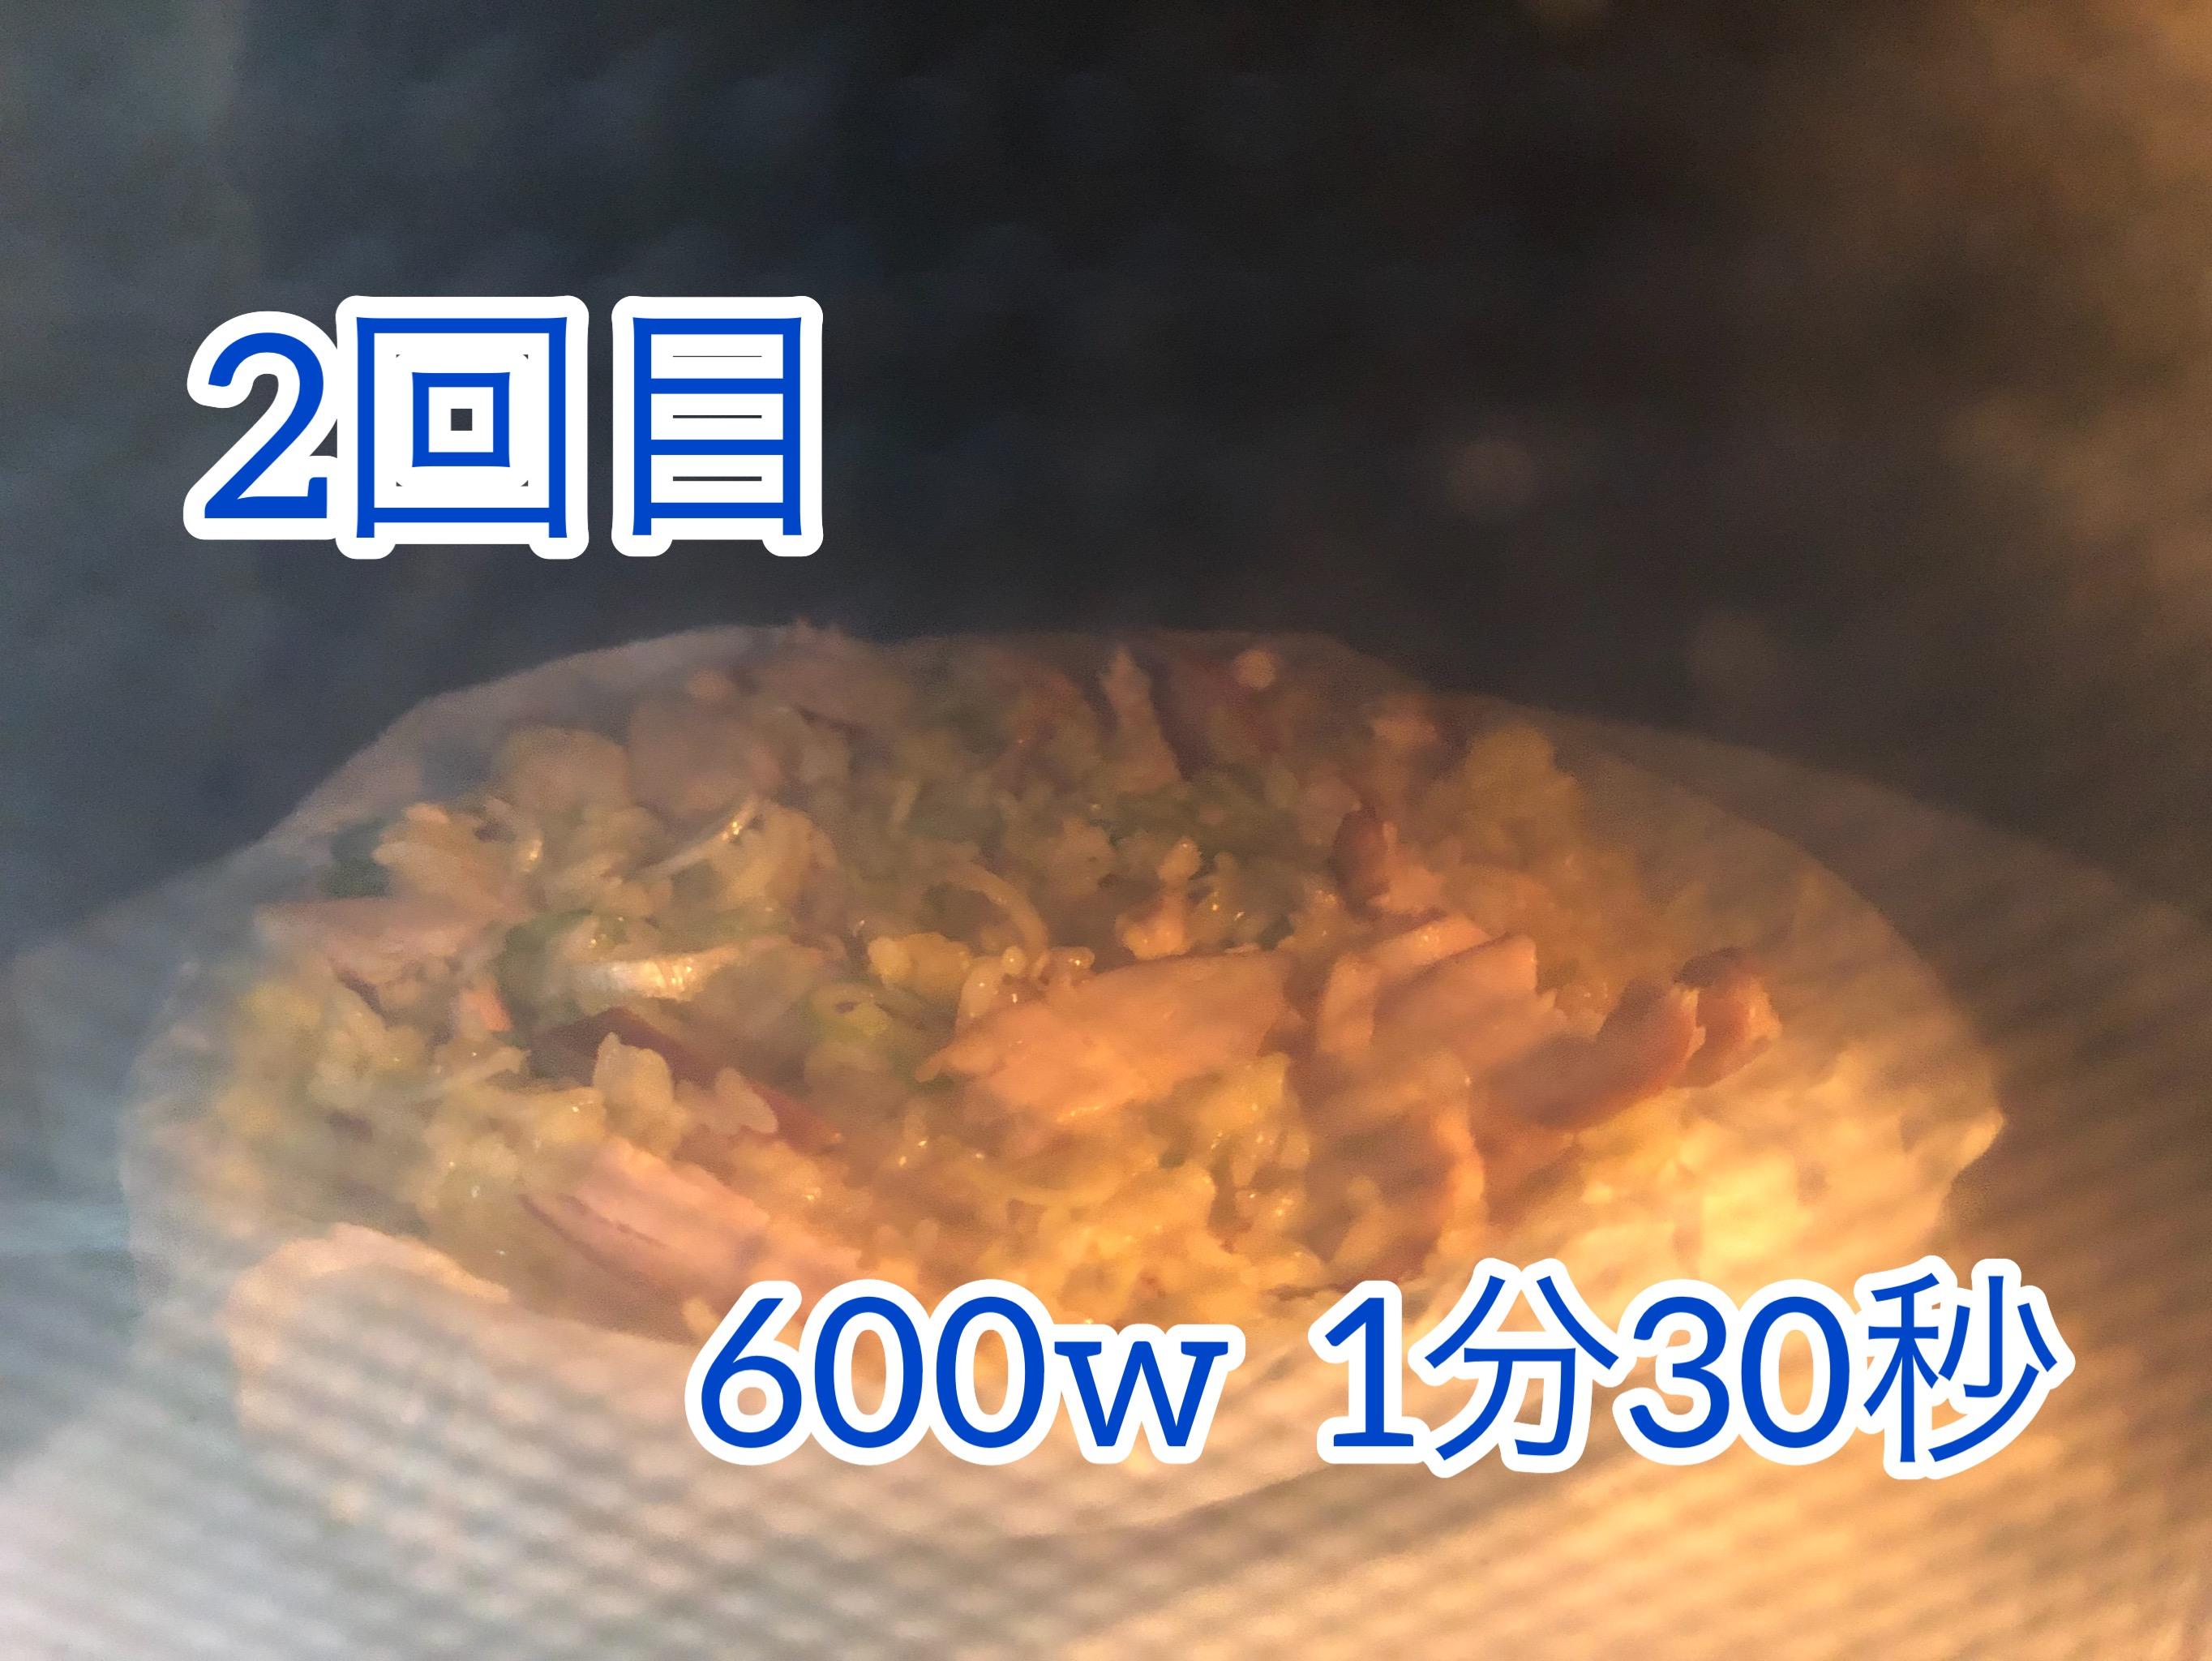 電子レンジ600Wー1分30秒を2回温める